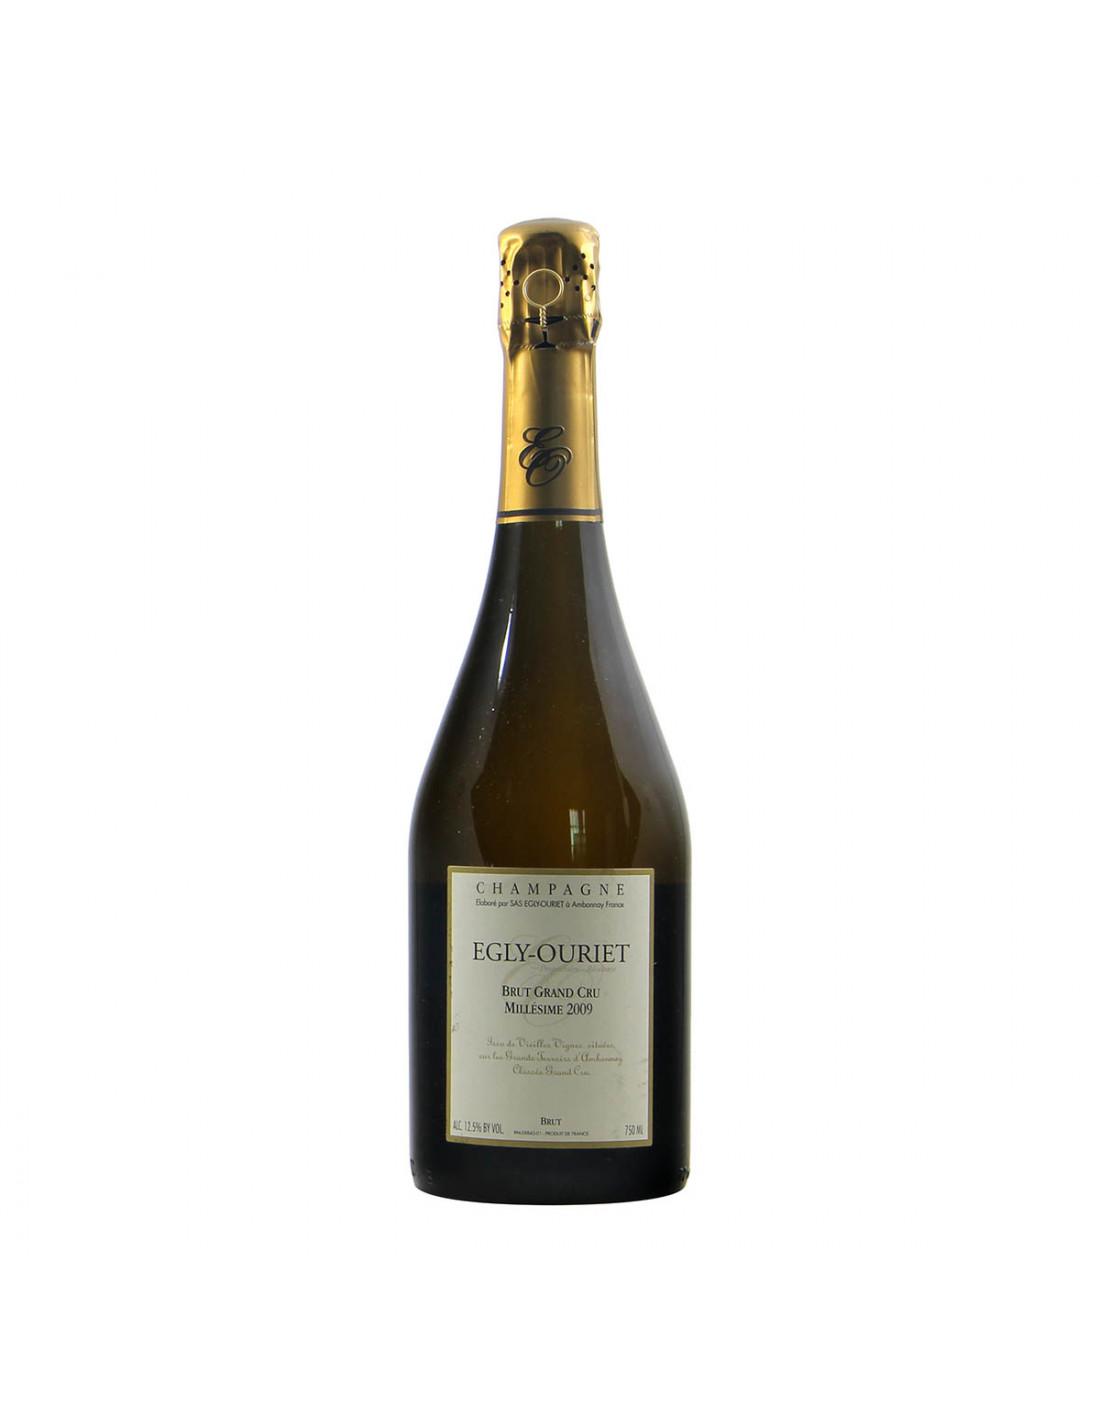 Egly-Ouriet Champagne Brut Grand Cru Millesime 2009 Grandi Bottiglie